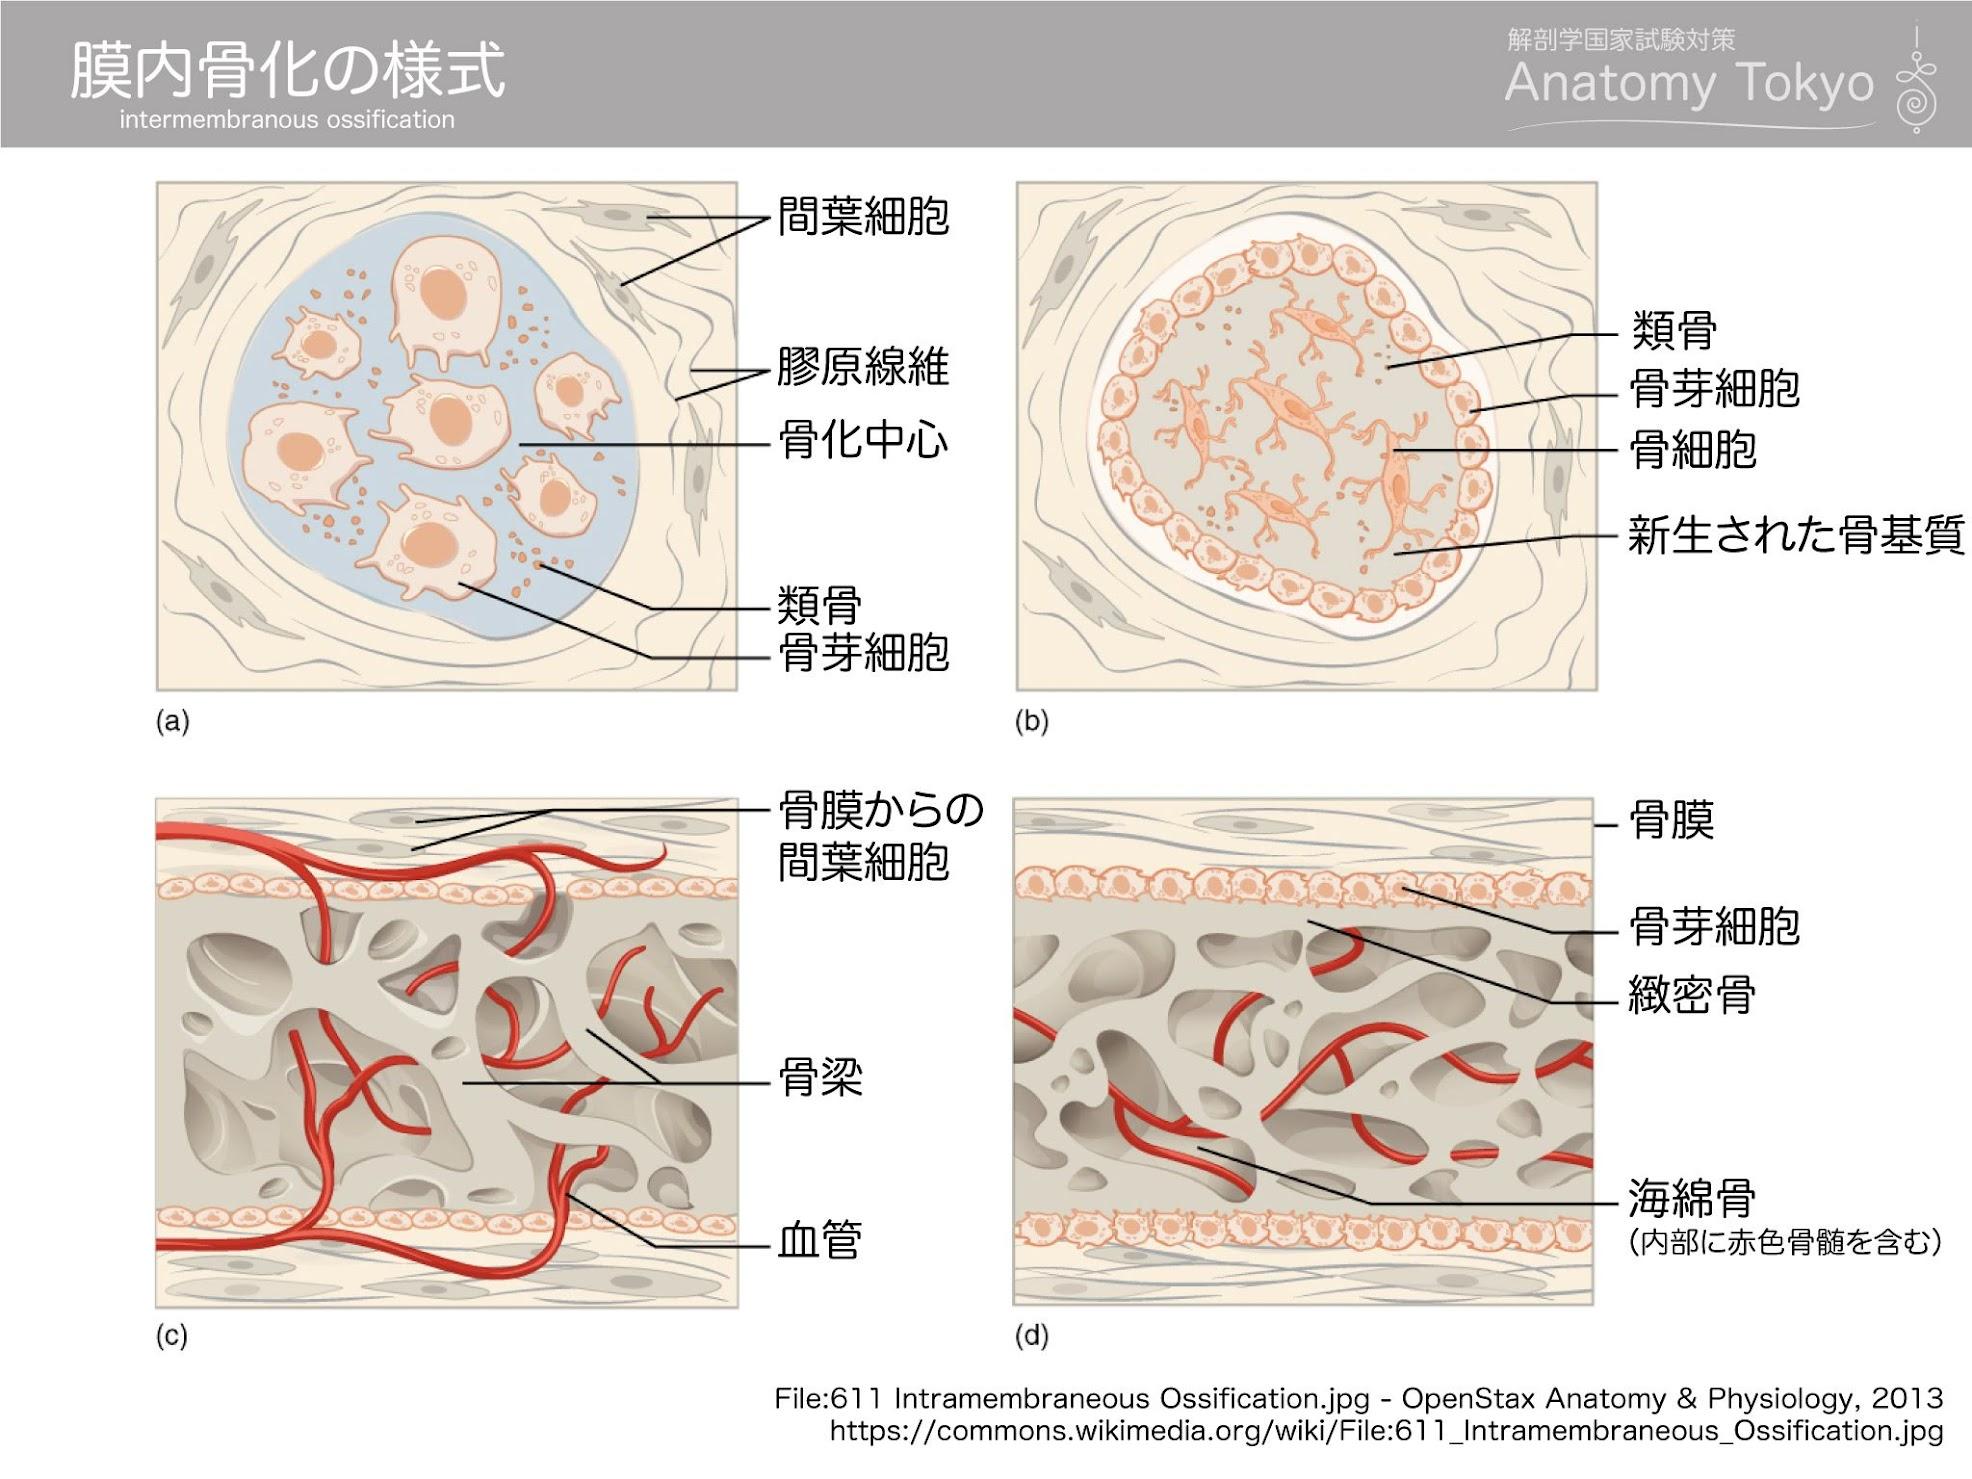 膜内骨化の様式(intermembranous ossification)